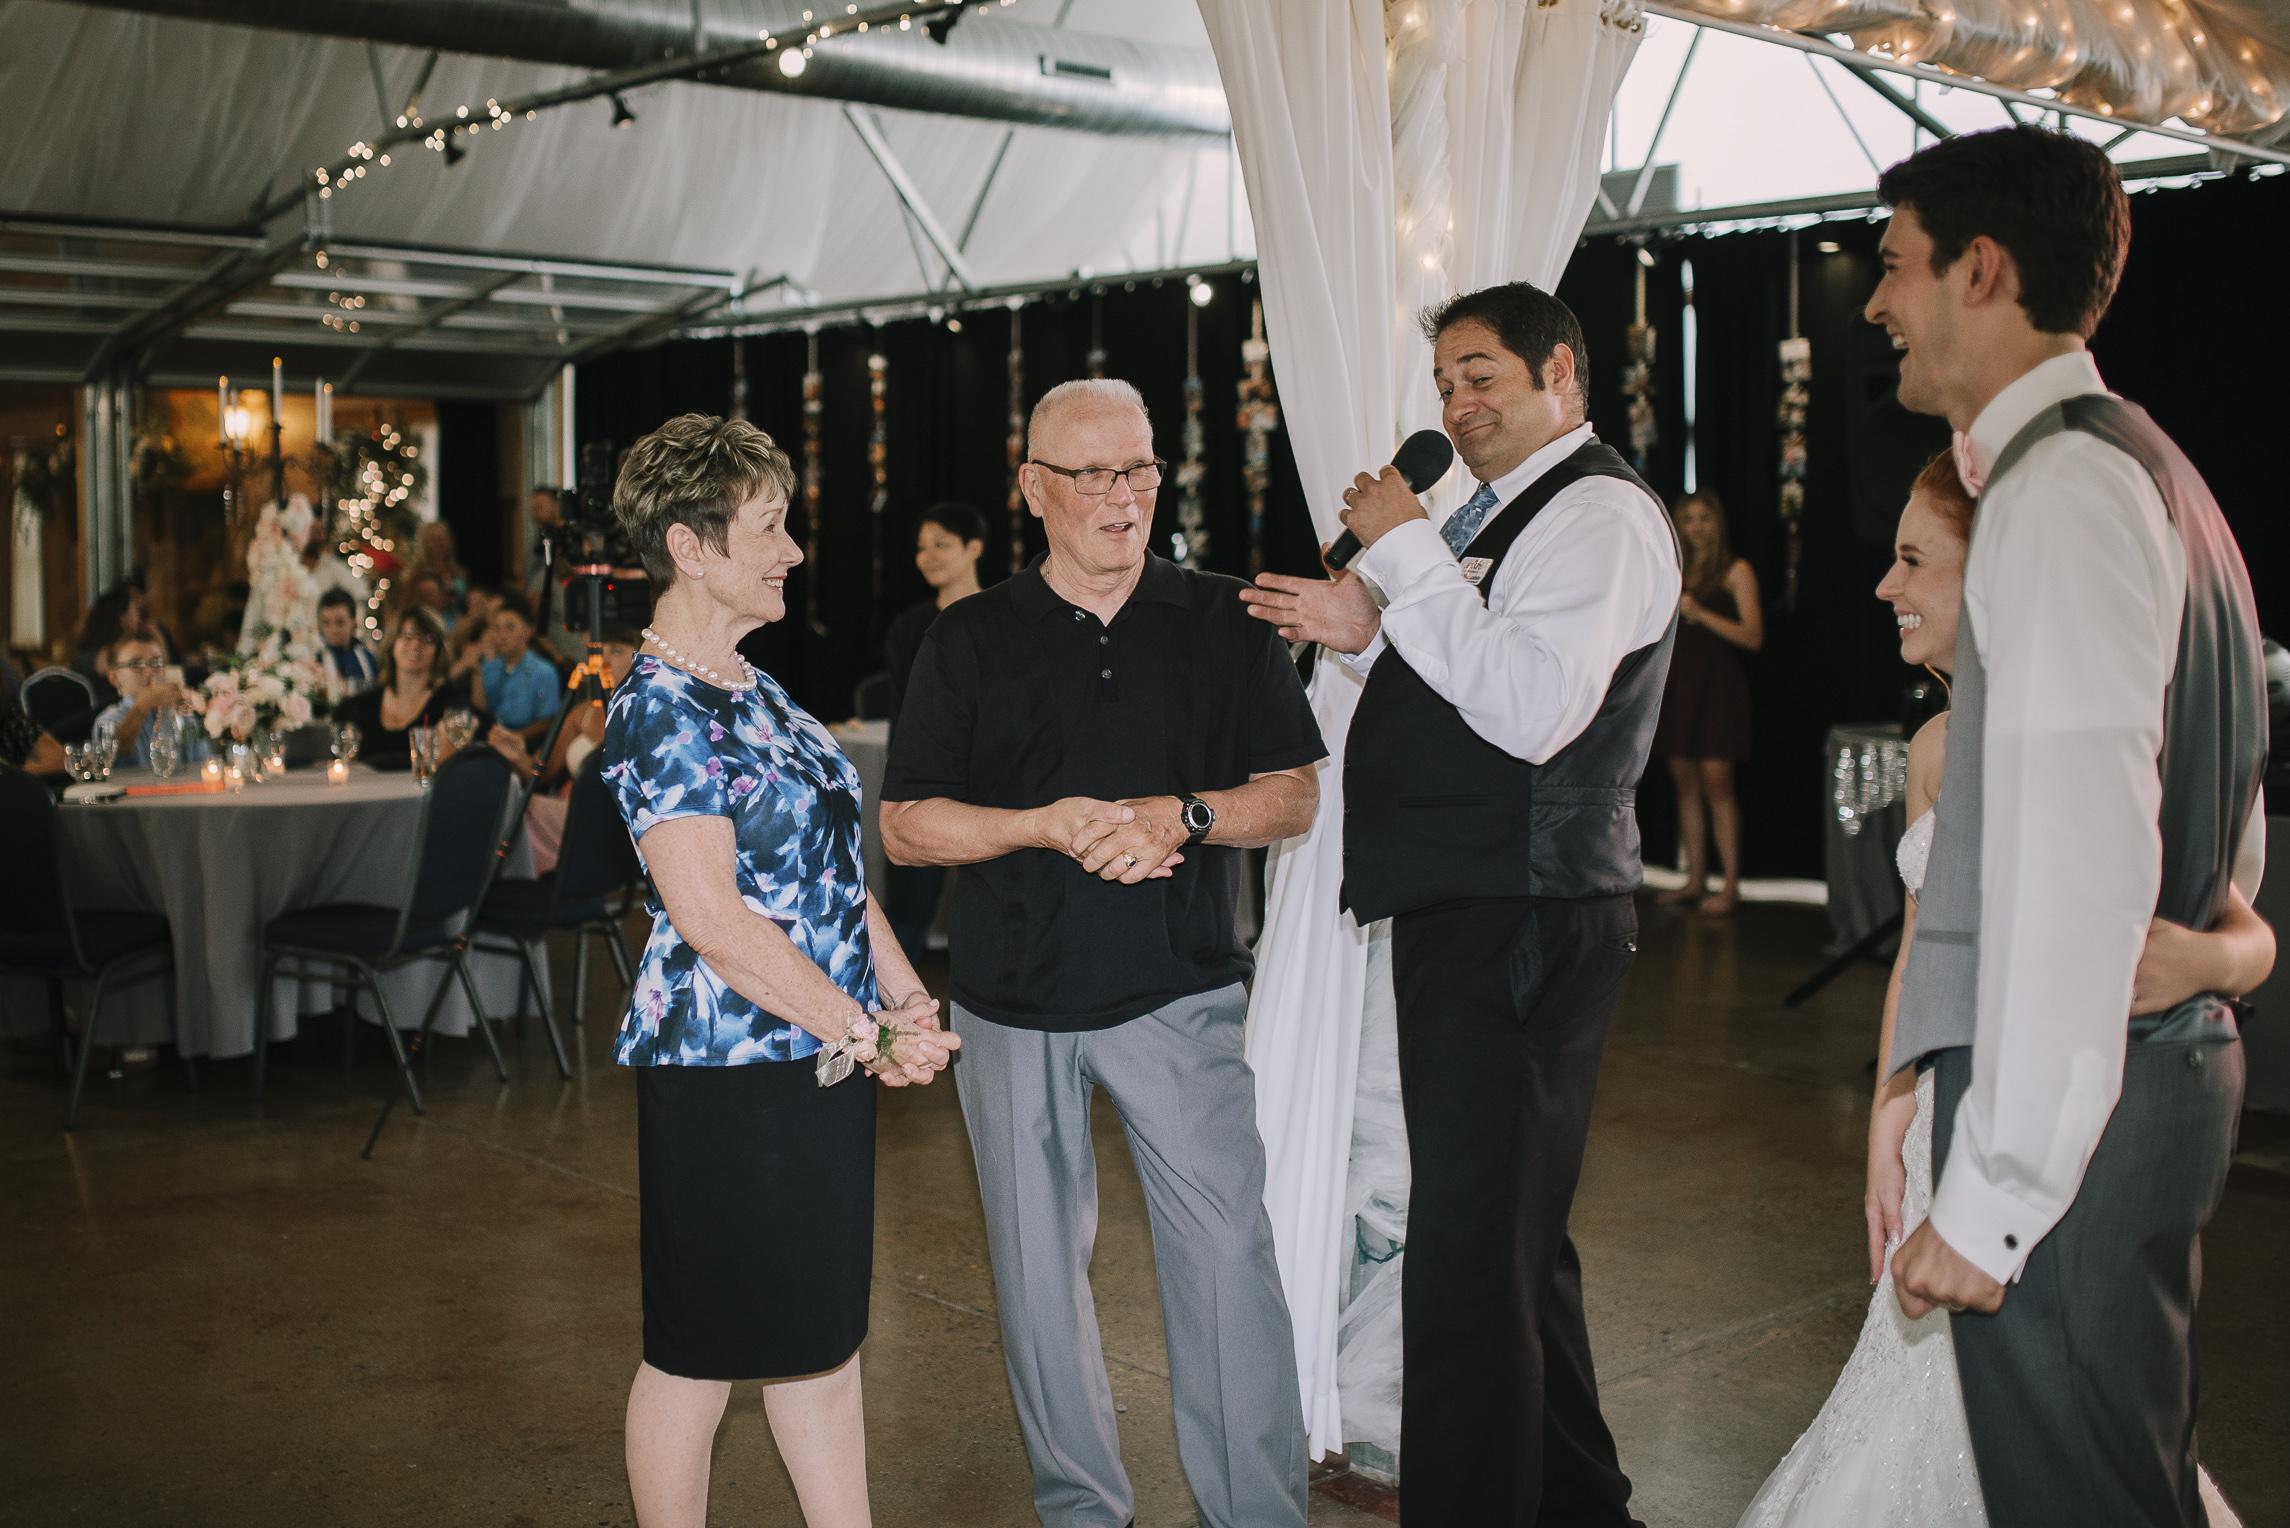 web sized images -- no to print --CALVIN & MCKYLEY WEDDING PHOTOS - COLORADO PHOTOGRAPHER - DEBI RAE PHOTOGRAPHY-2293.jpg